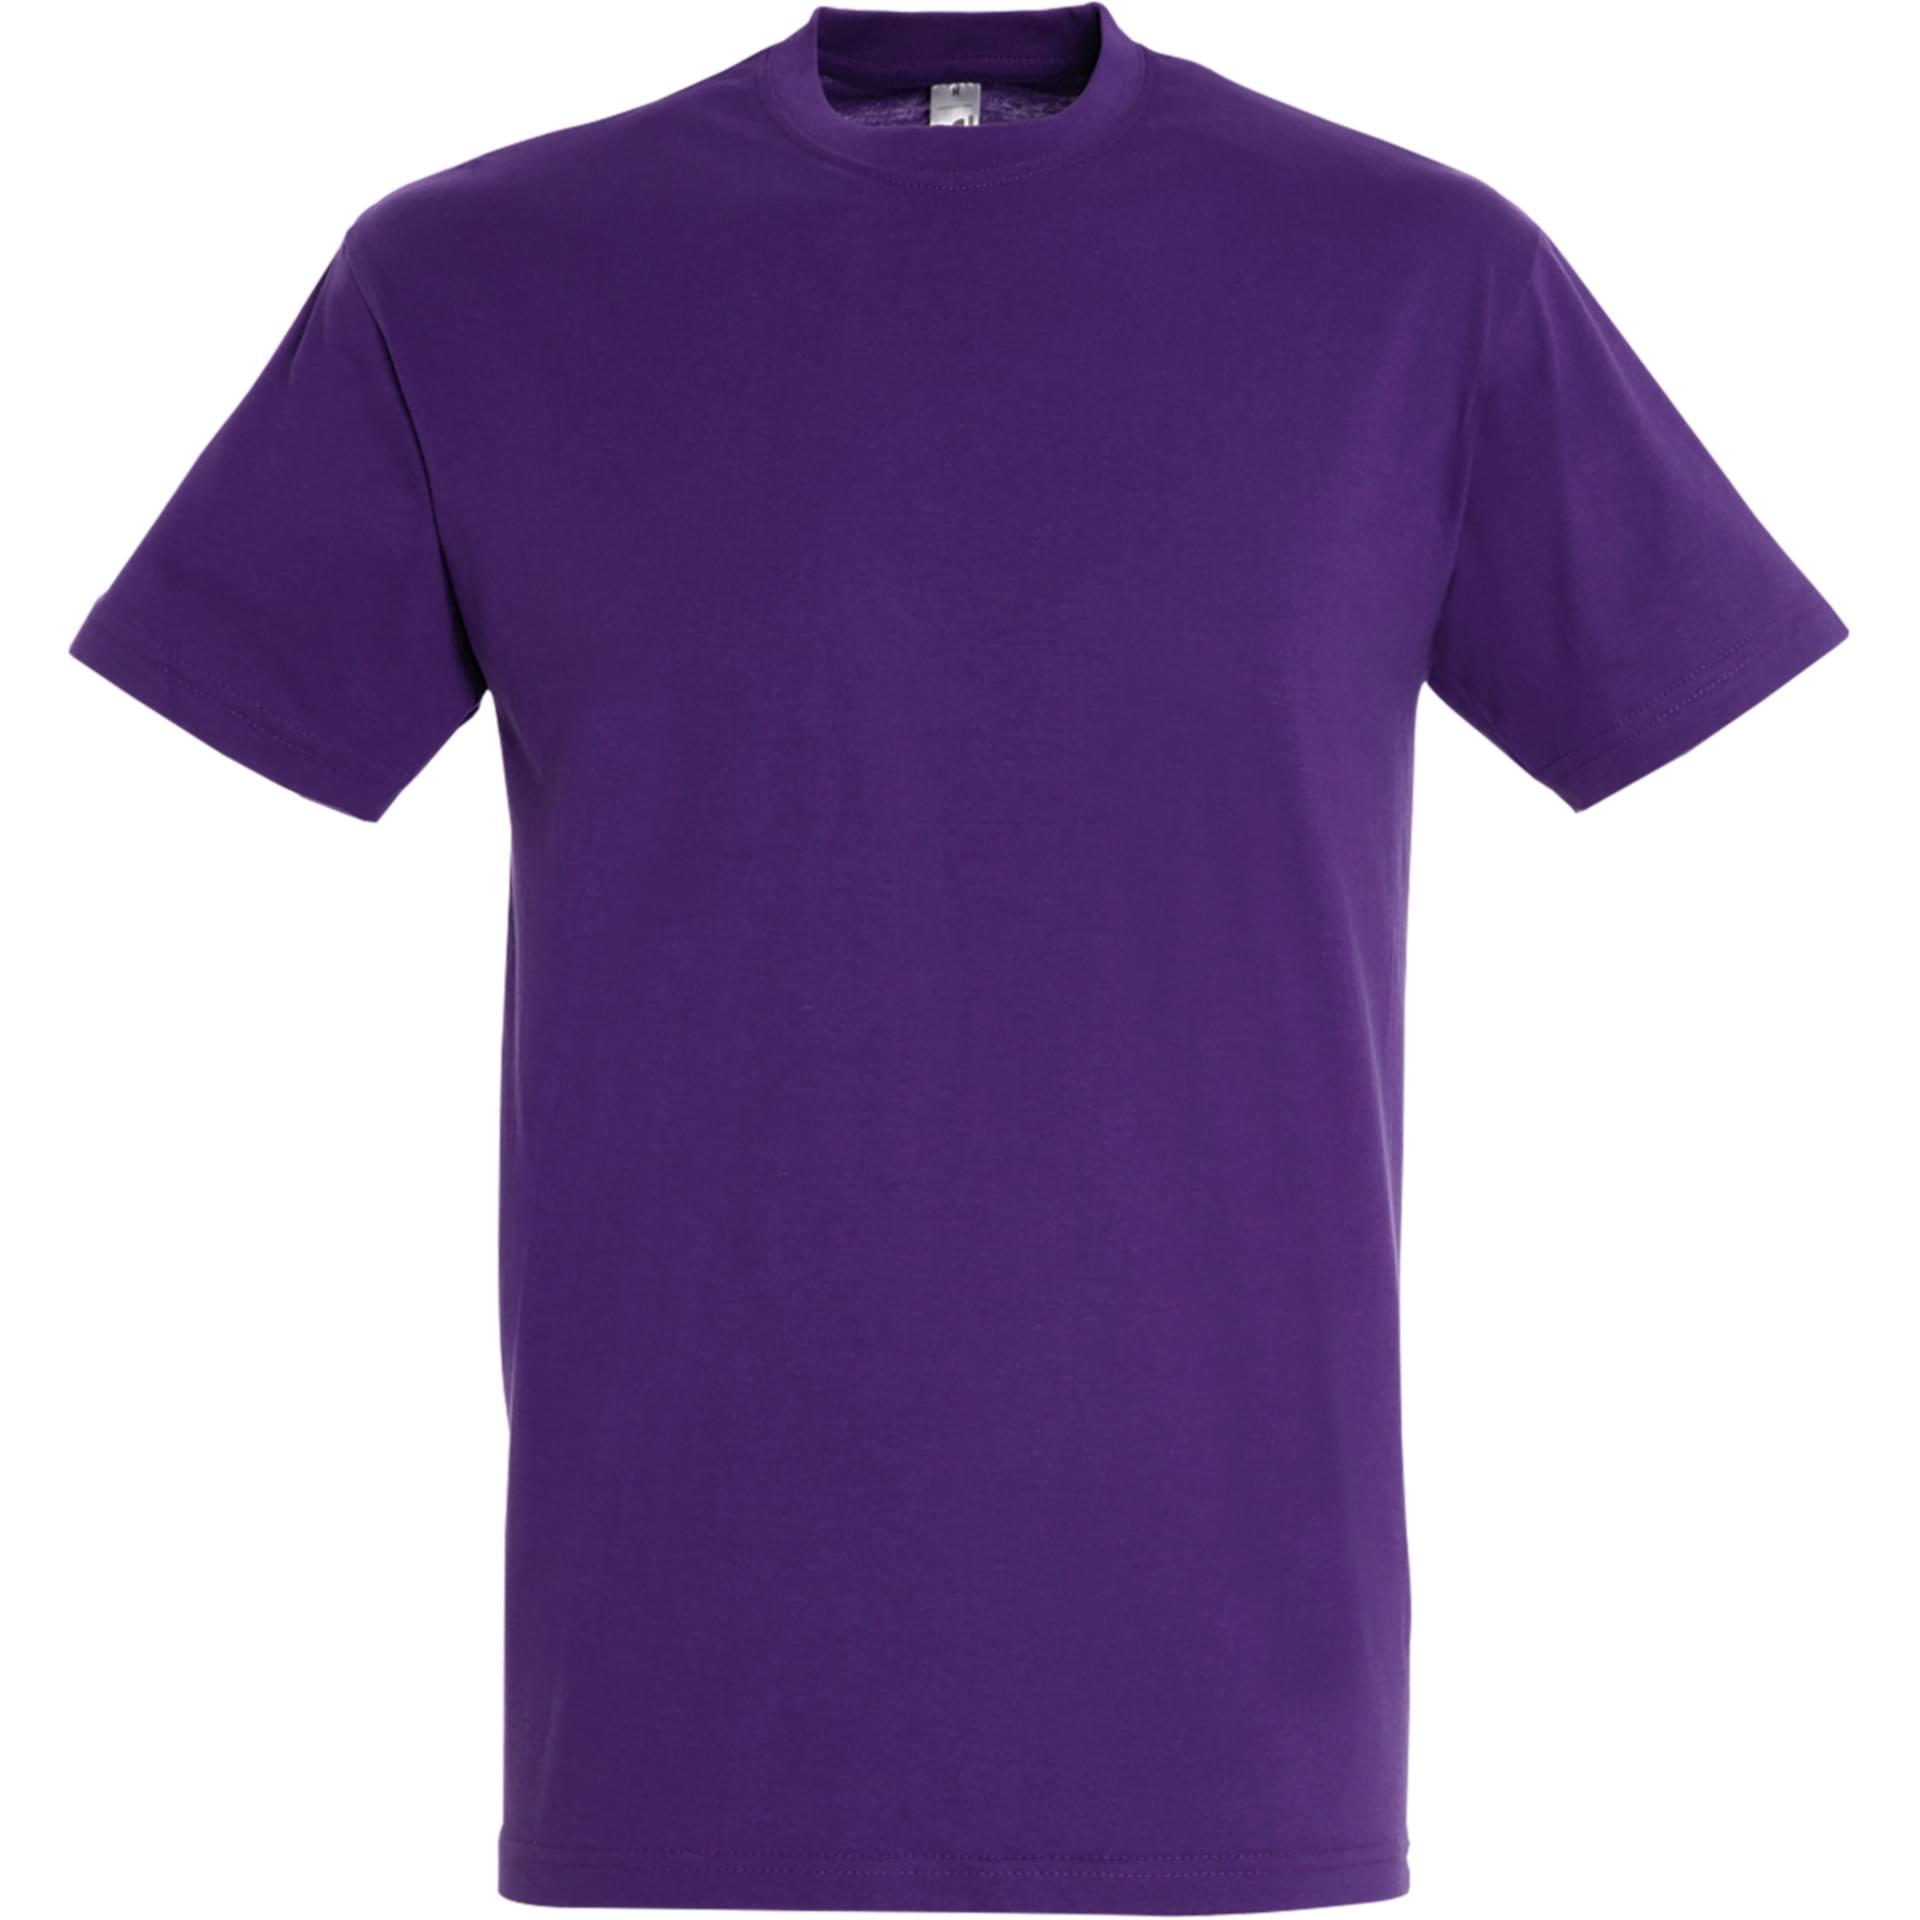 Tee shirt personnalis regent sol 39 s violet fonce - Couleur violet fonce ...